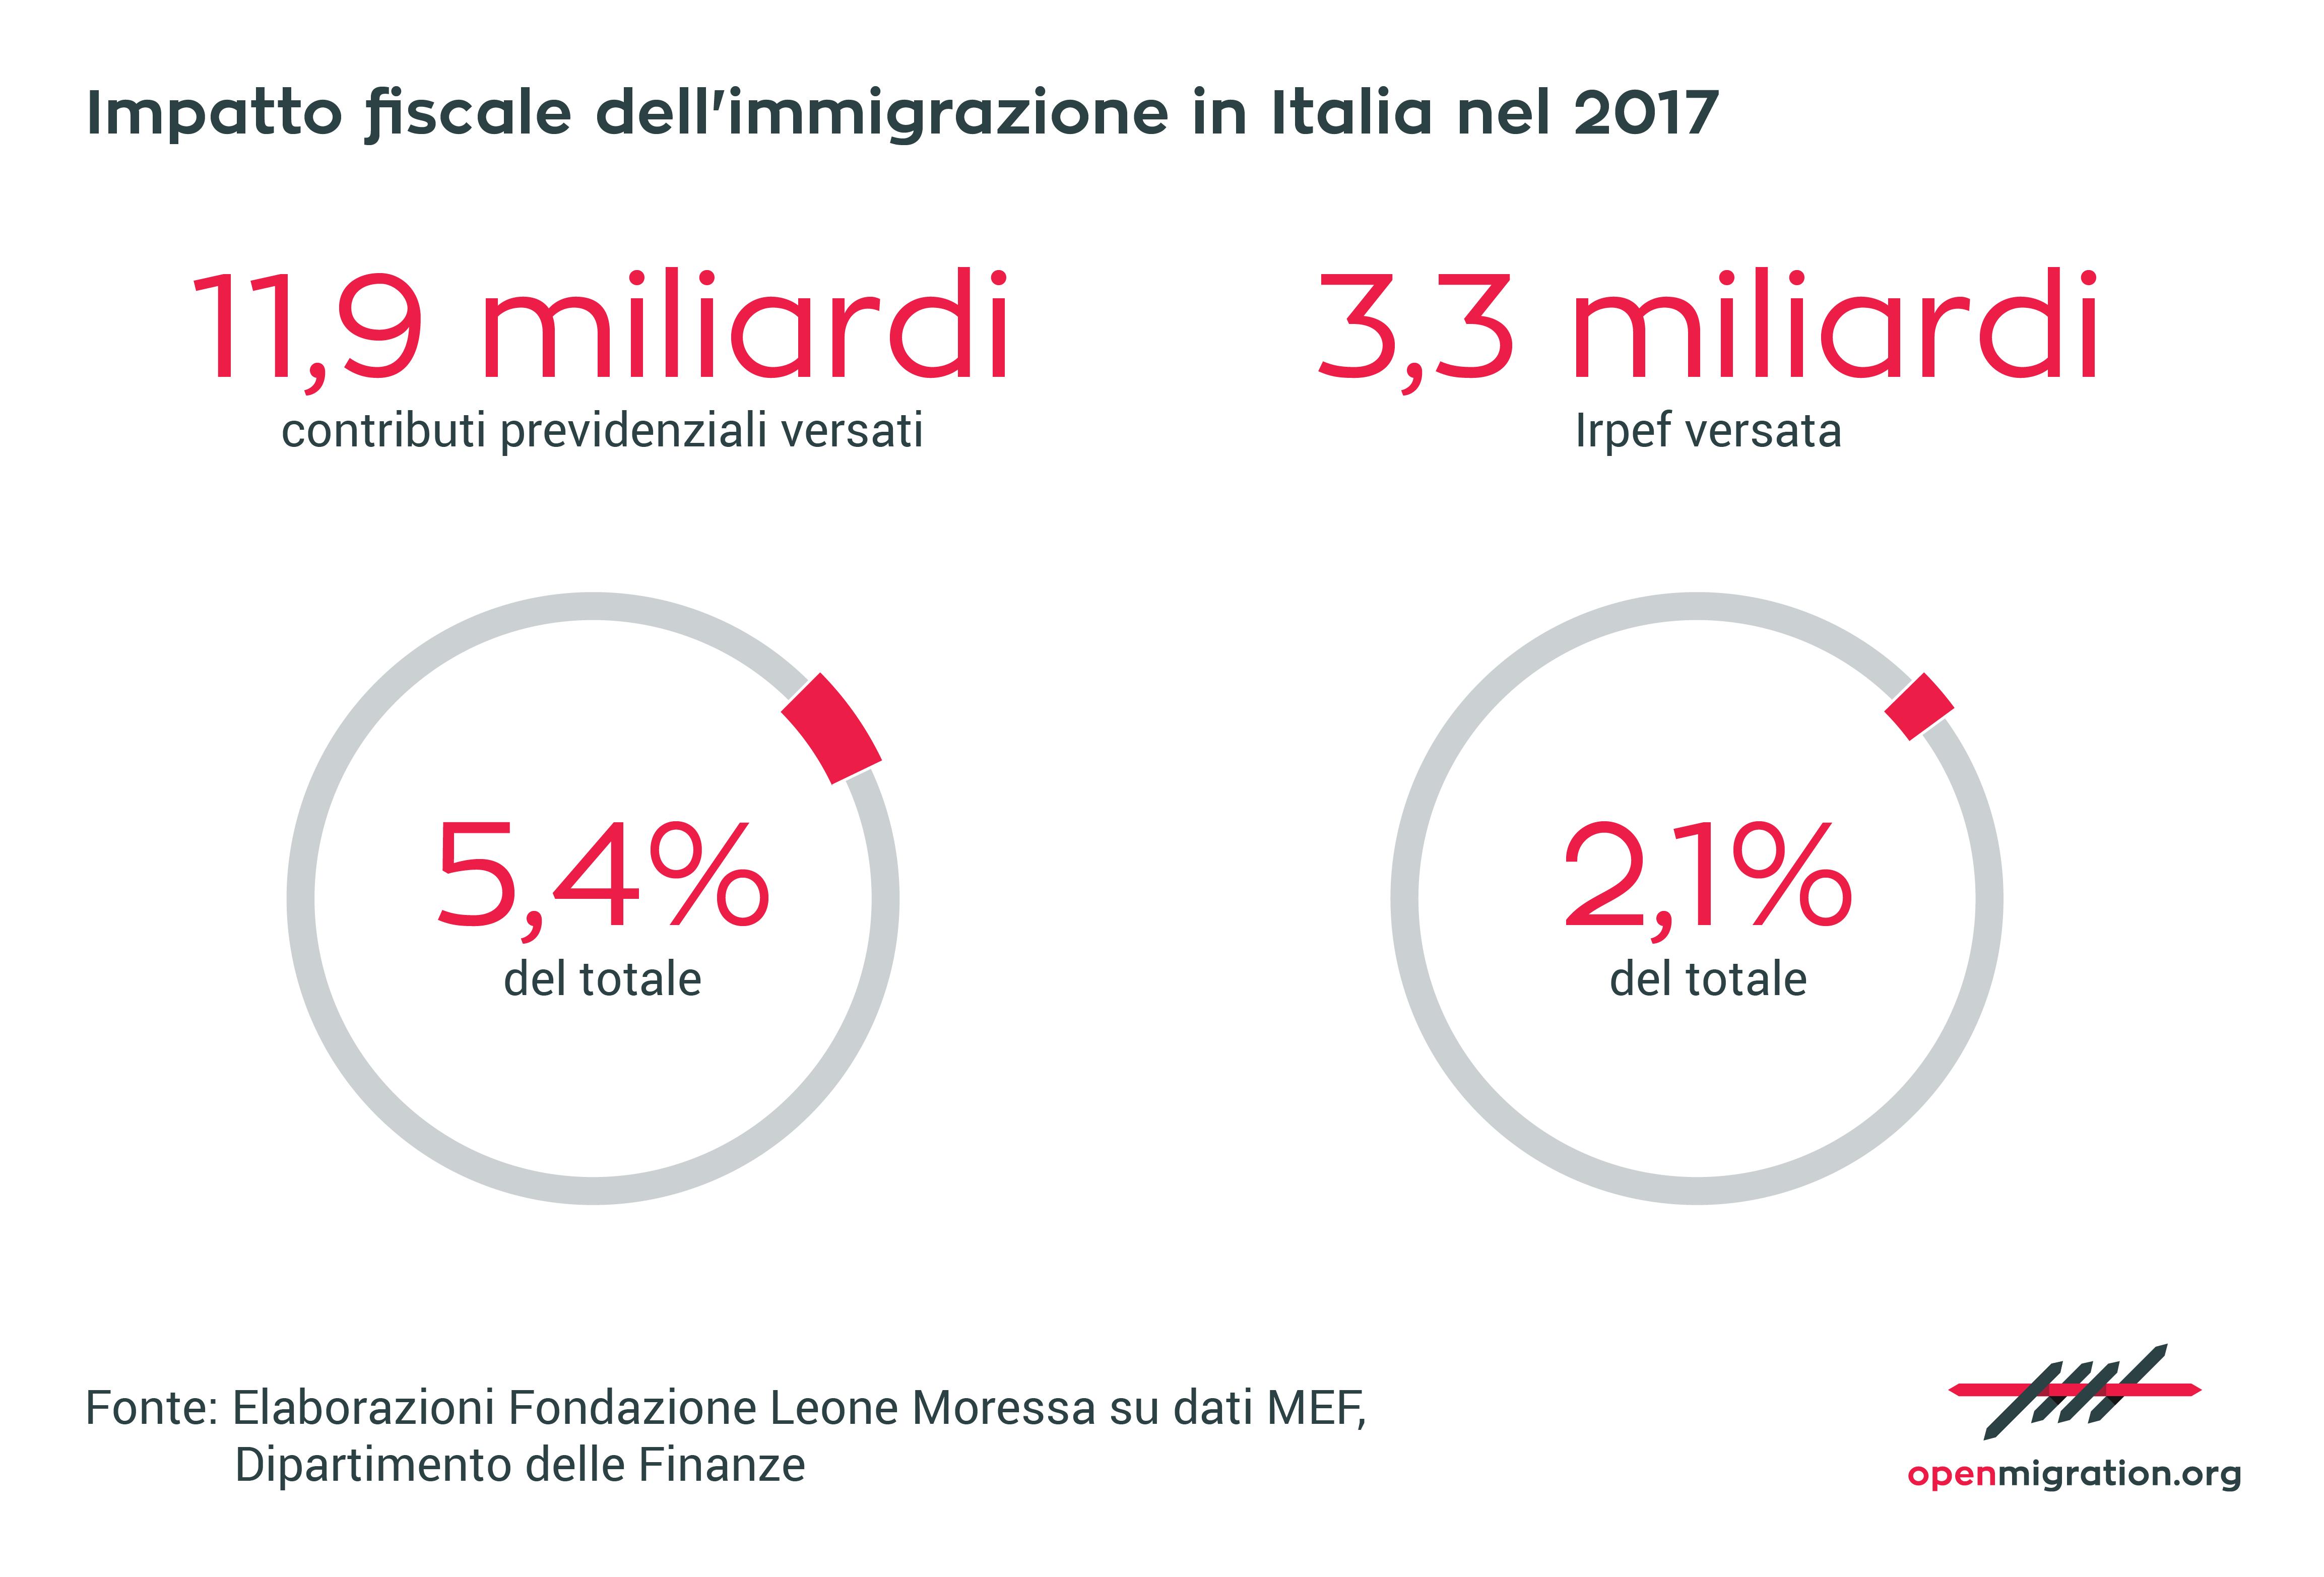 Impatto fiscale dell'immigrazione in Italia 2017